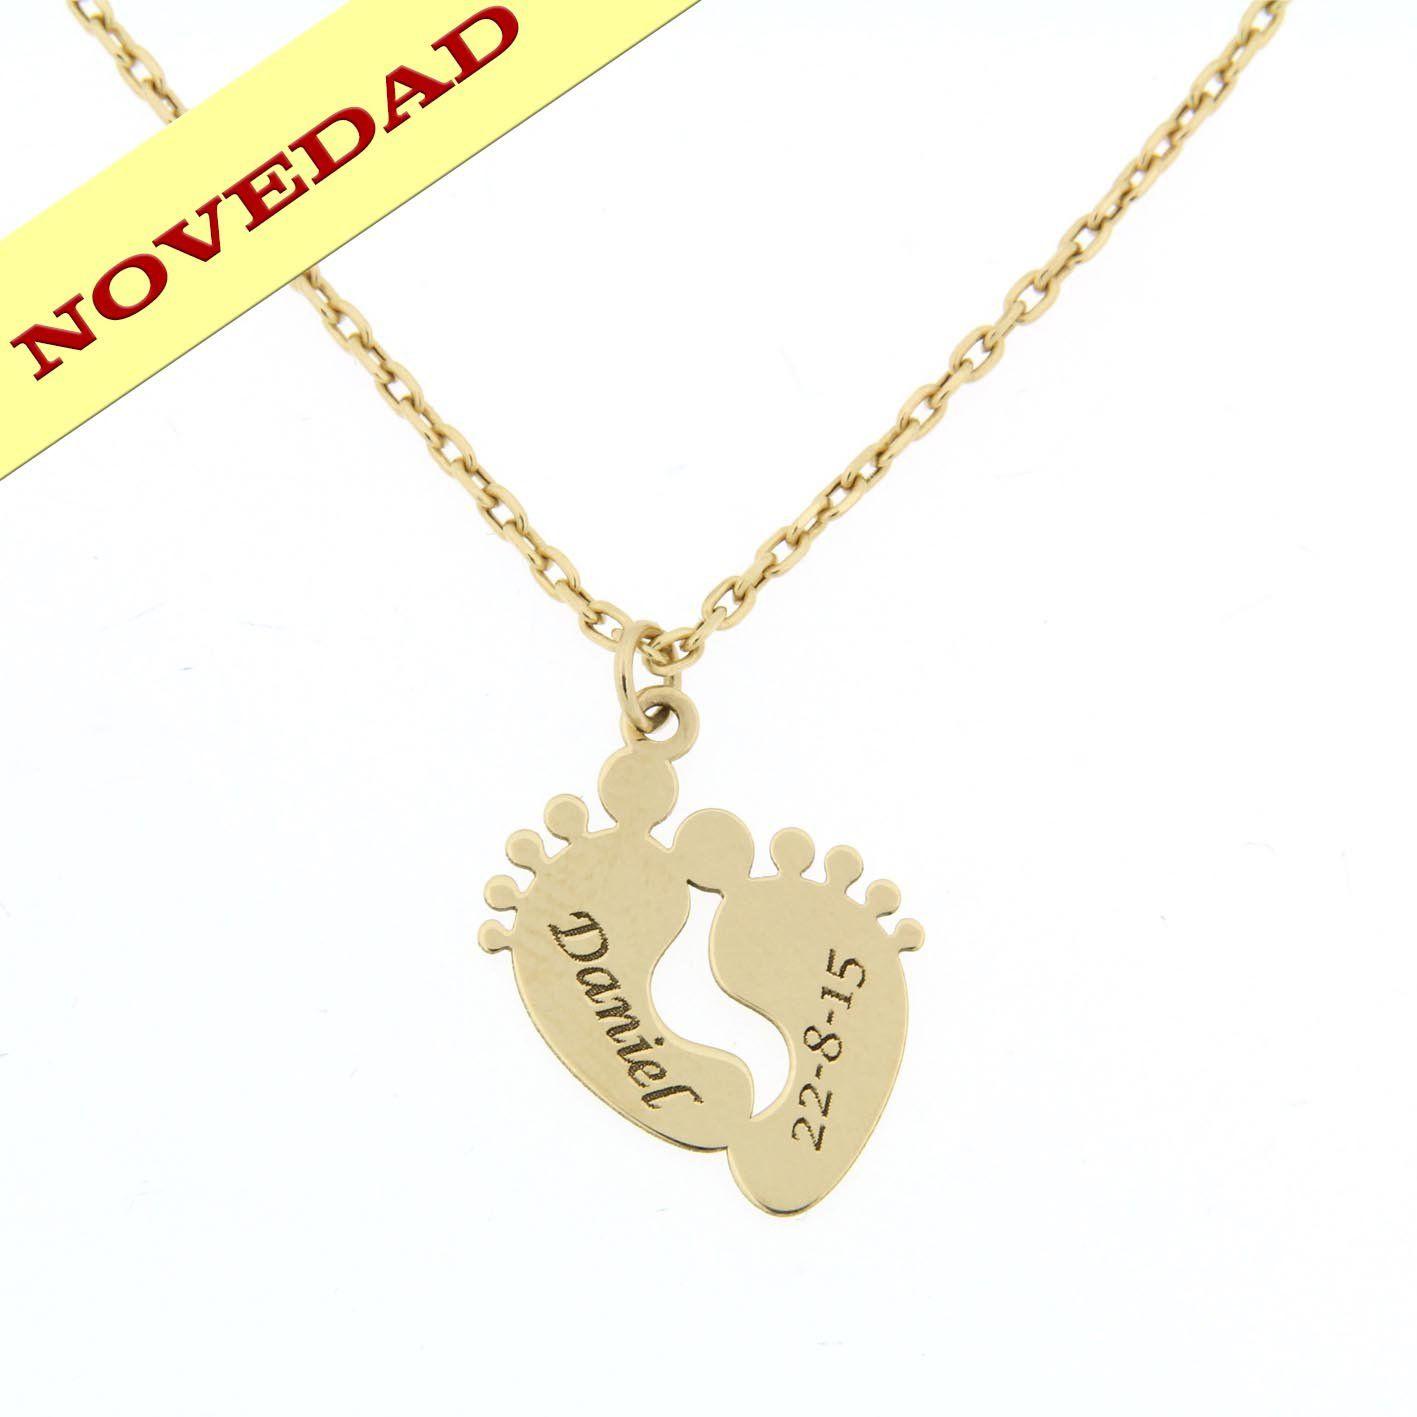 38d3eda0f951 Gargantilla Oro 18 Kl. personalizada Pies con nombres. Precioso ...